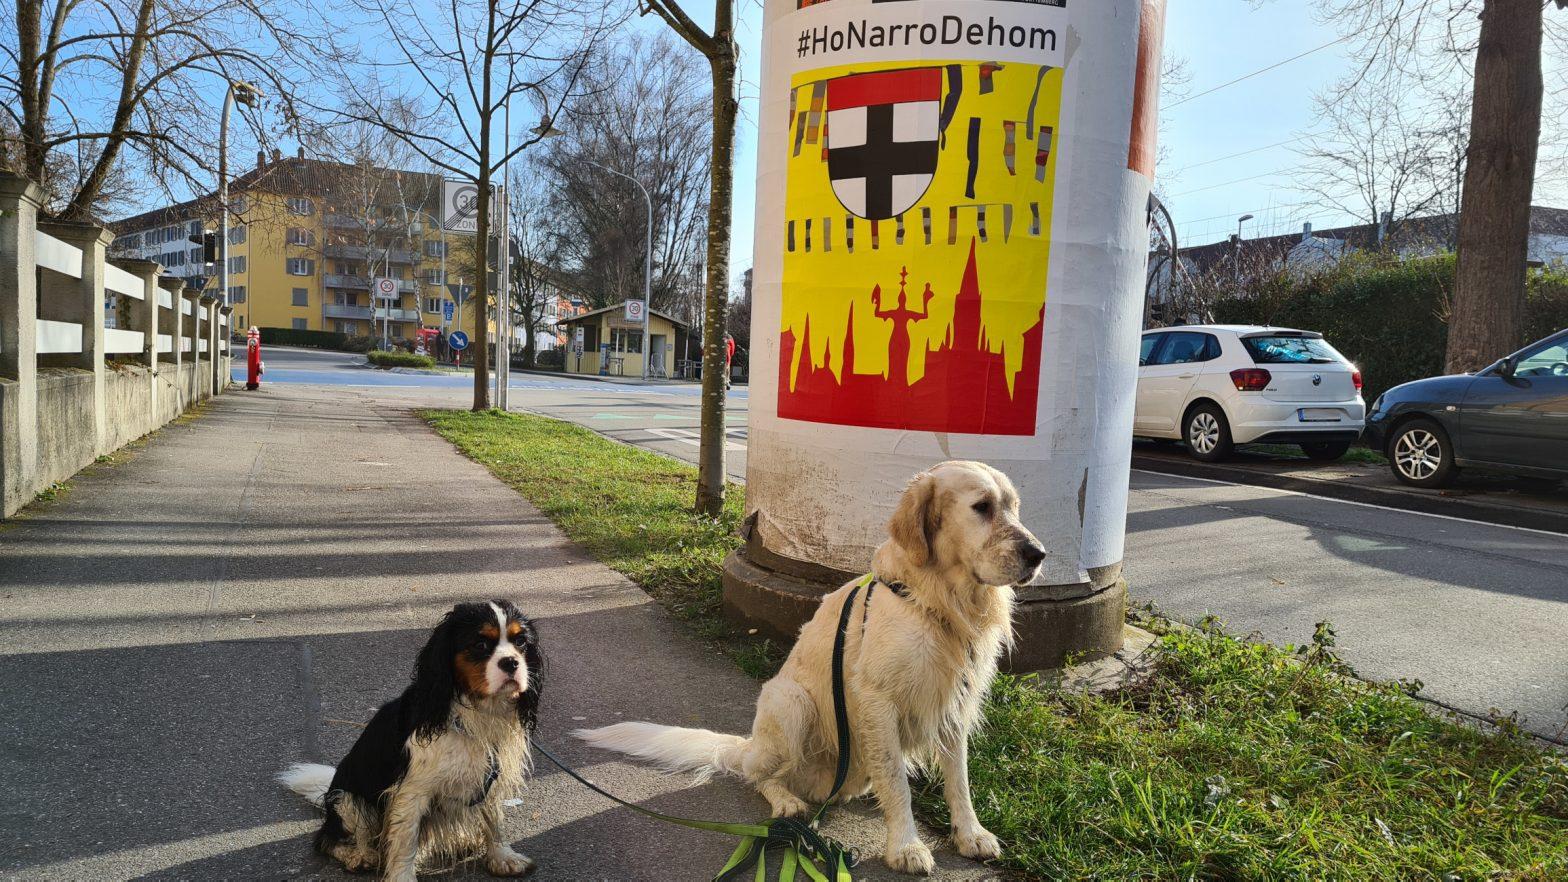 HonarroDehom-Logo mit dem Wappen der Stadt Konstanz, badischen Farben und Narrenbändeln - hier als Plakat an einer Litfaßsäule in Petershausen im Sonnenschein, davor der Golden Retriever Richie und der Cavalier-King-Charles Gismo